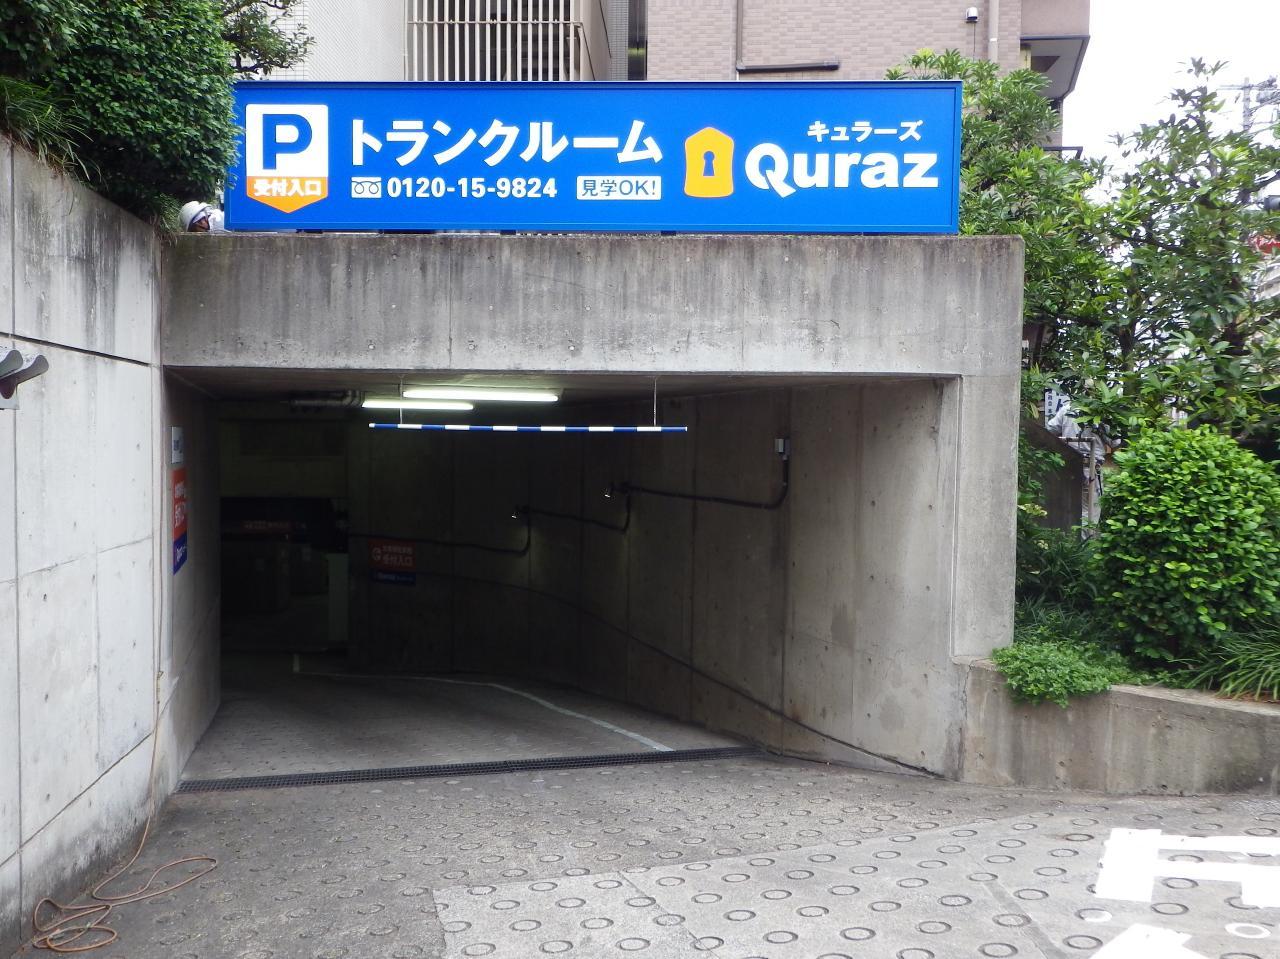 管理費・手数料ゼロのキュラーズ 品川大崎店外観2